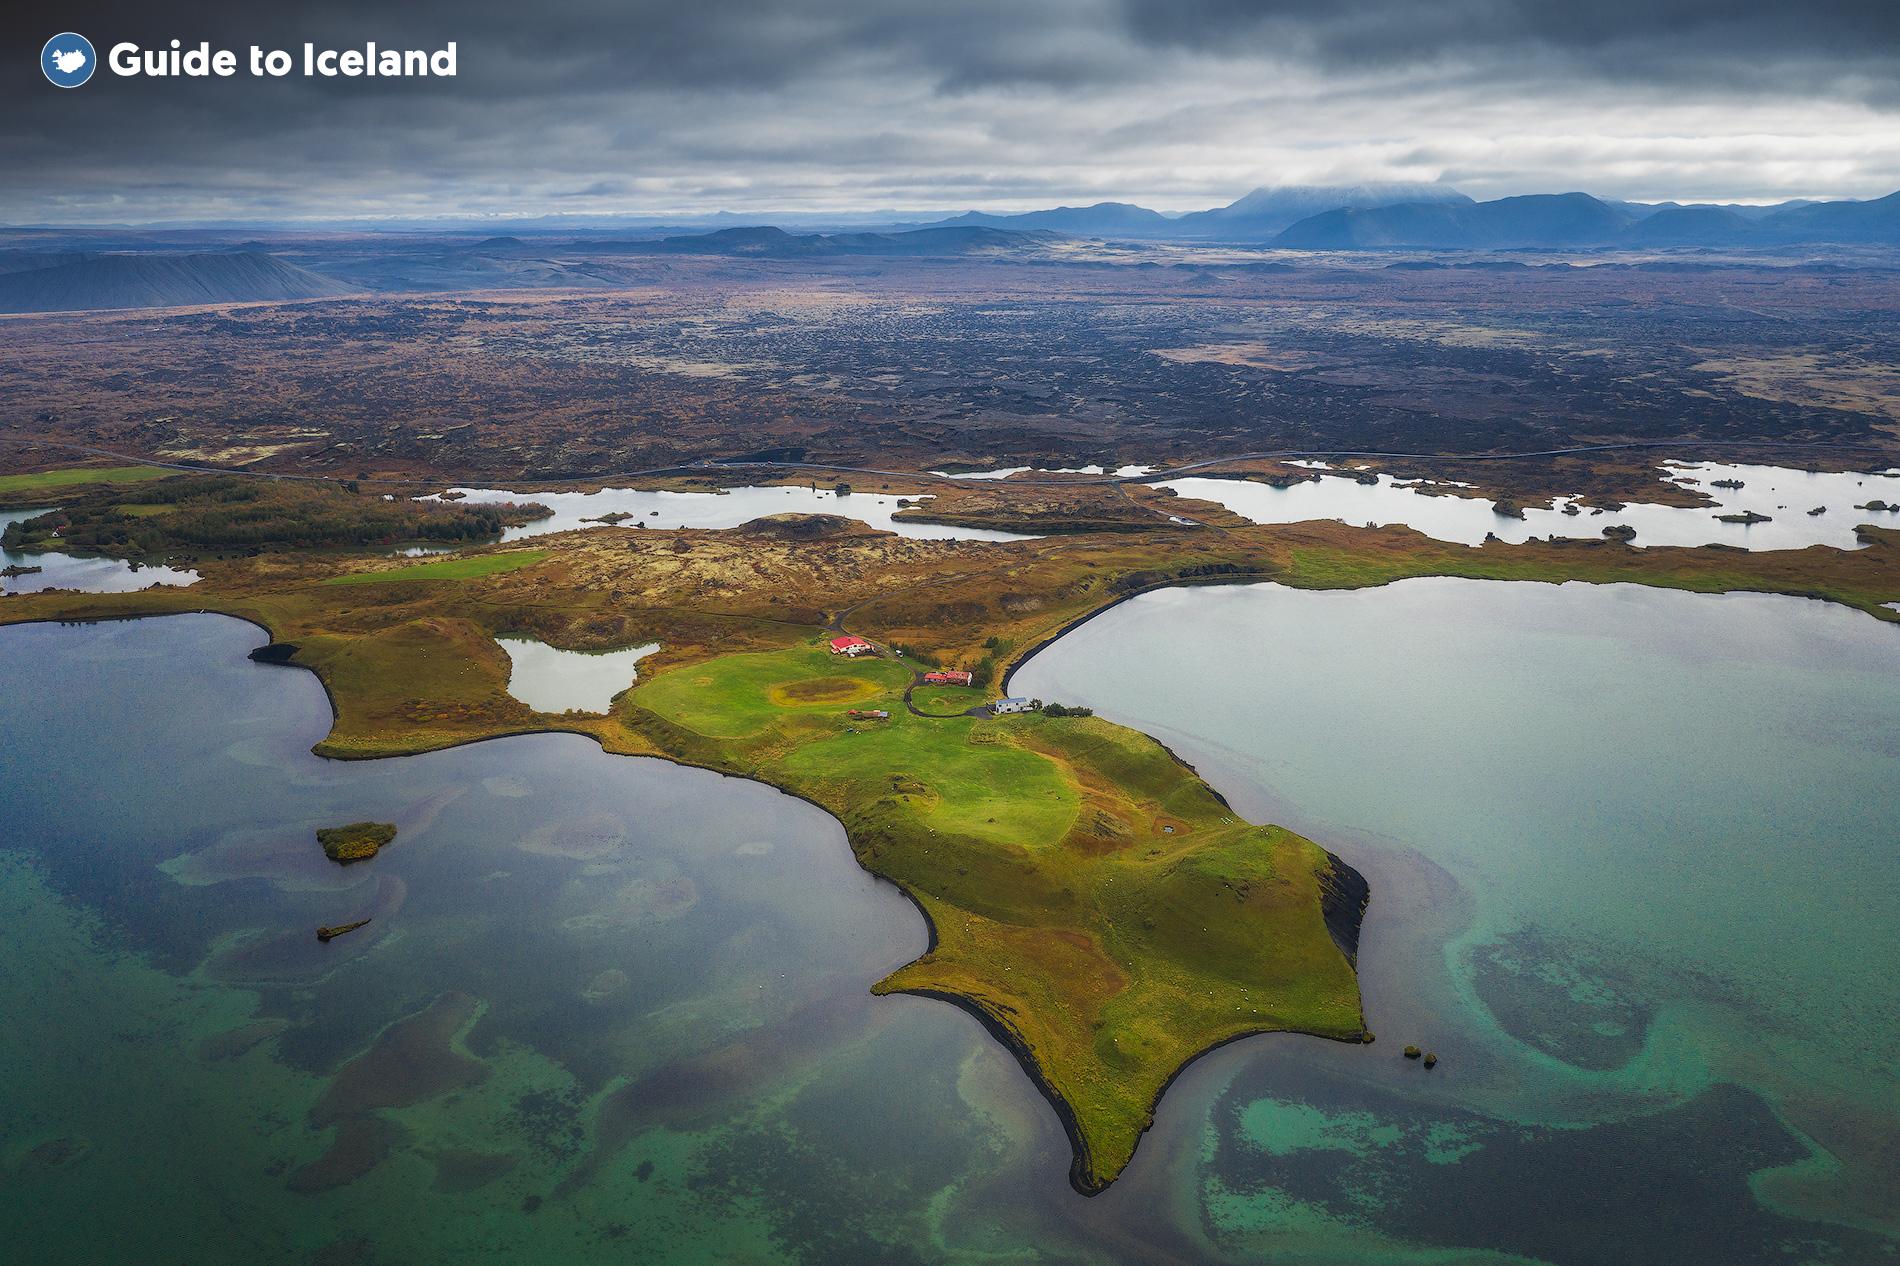 10 dni, samodzielna podróż   Dookoła Islandii zgodnie z ruchem wskazówek zegara - day 4